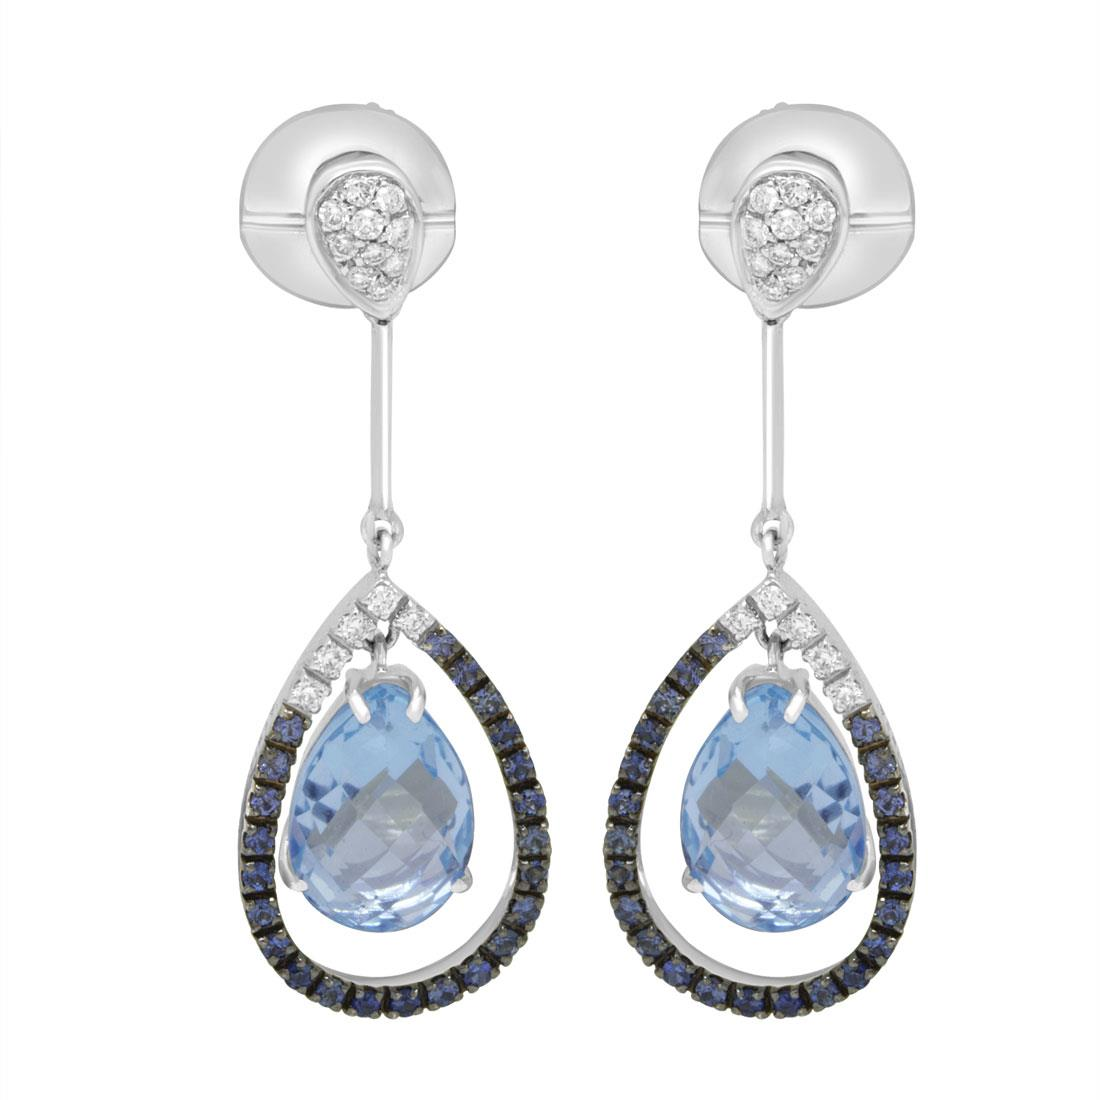 Orecchini con diamanti - ALFIERI & ST. JOHN